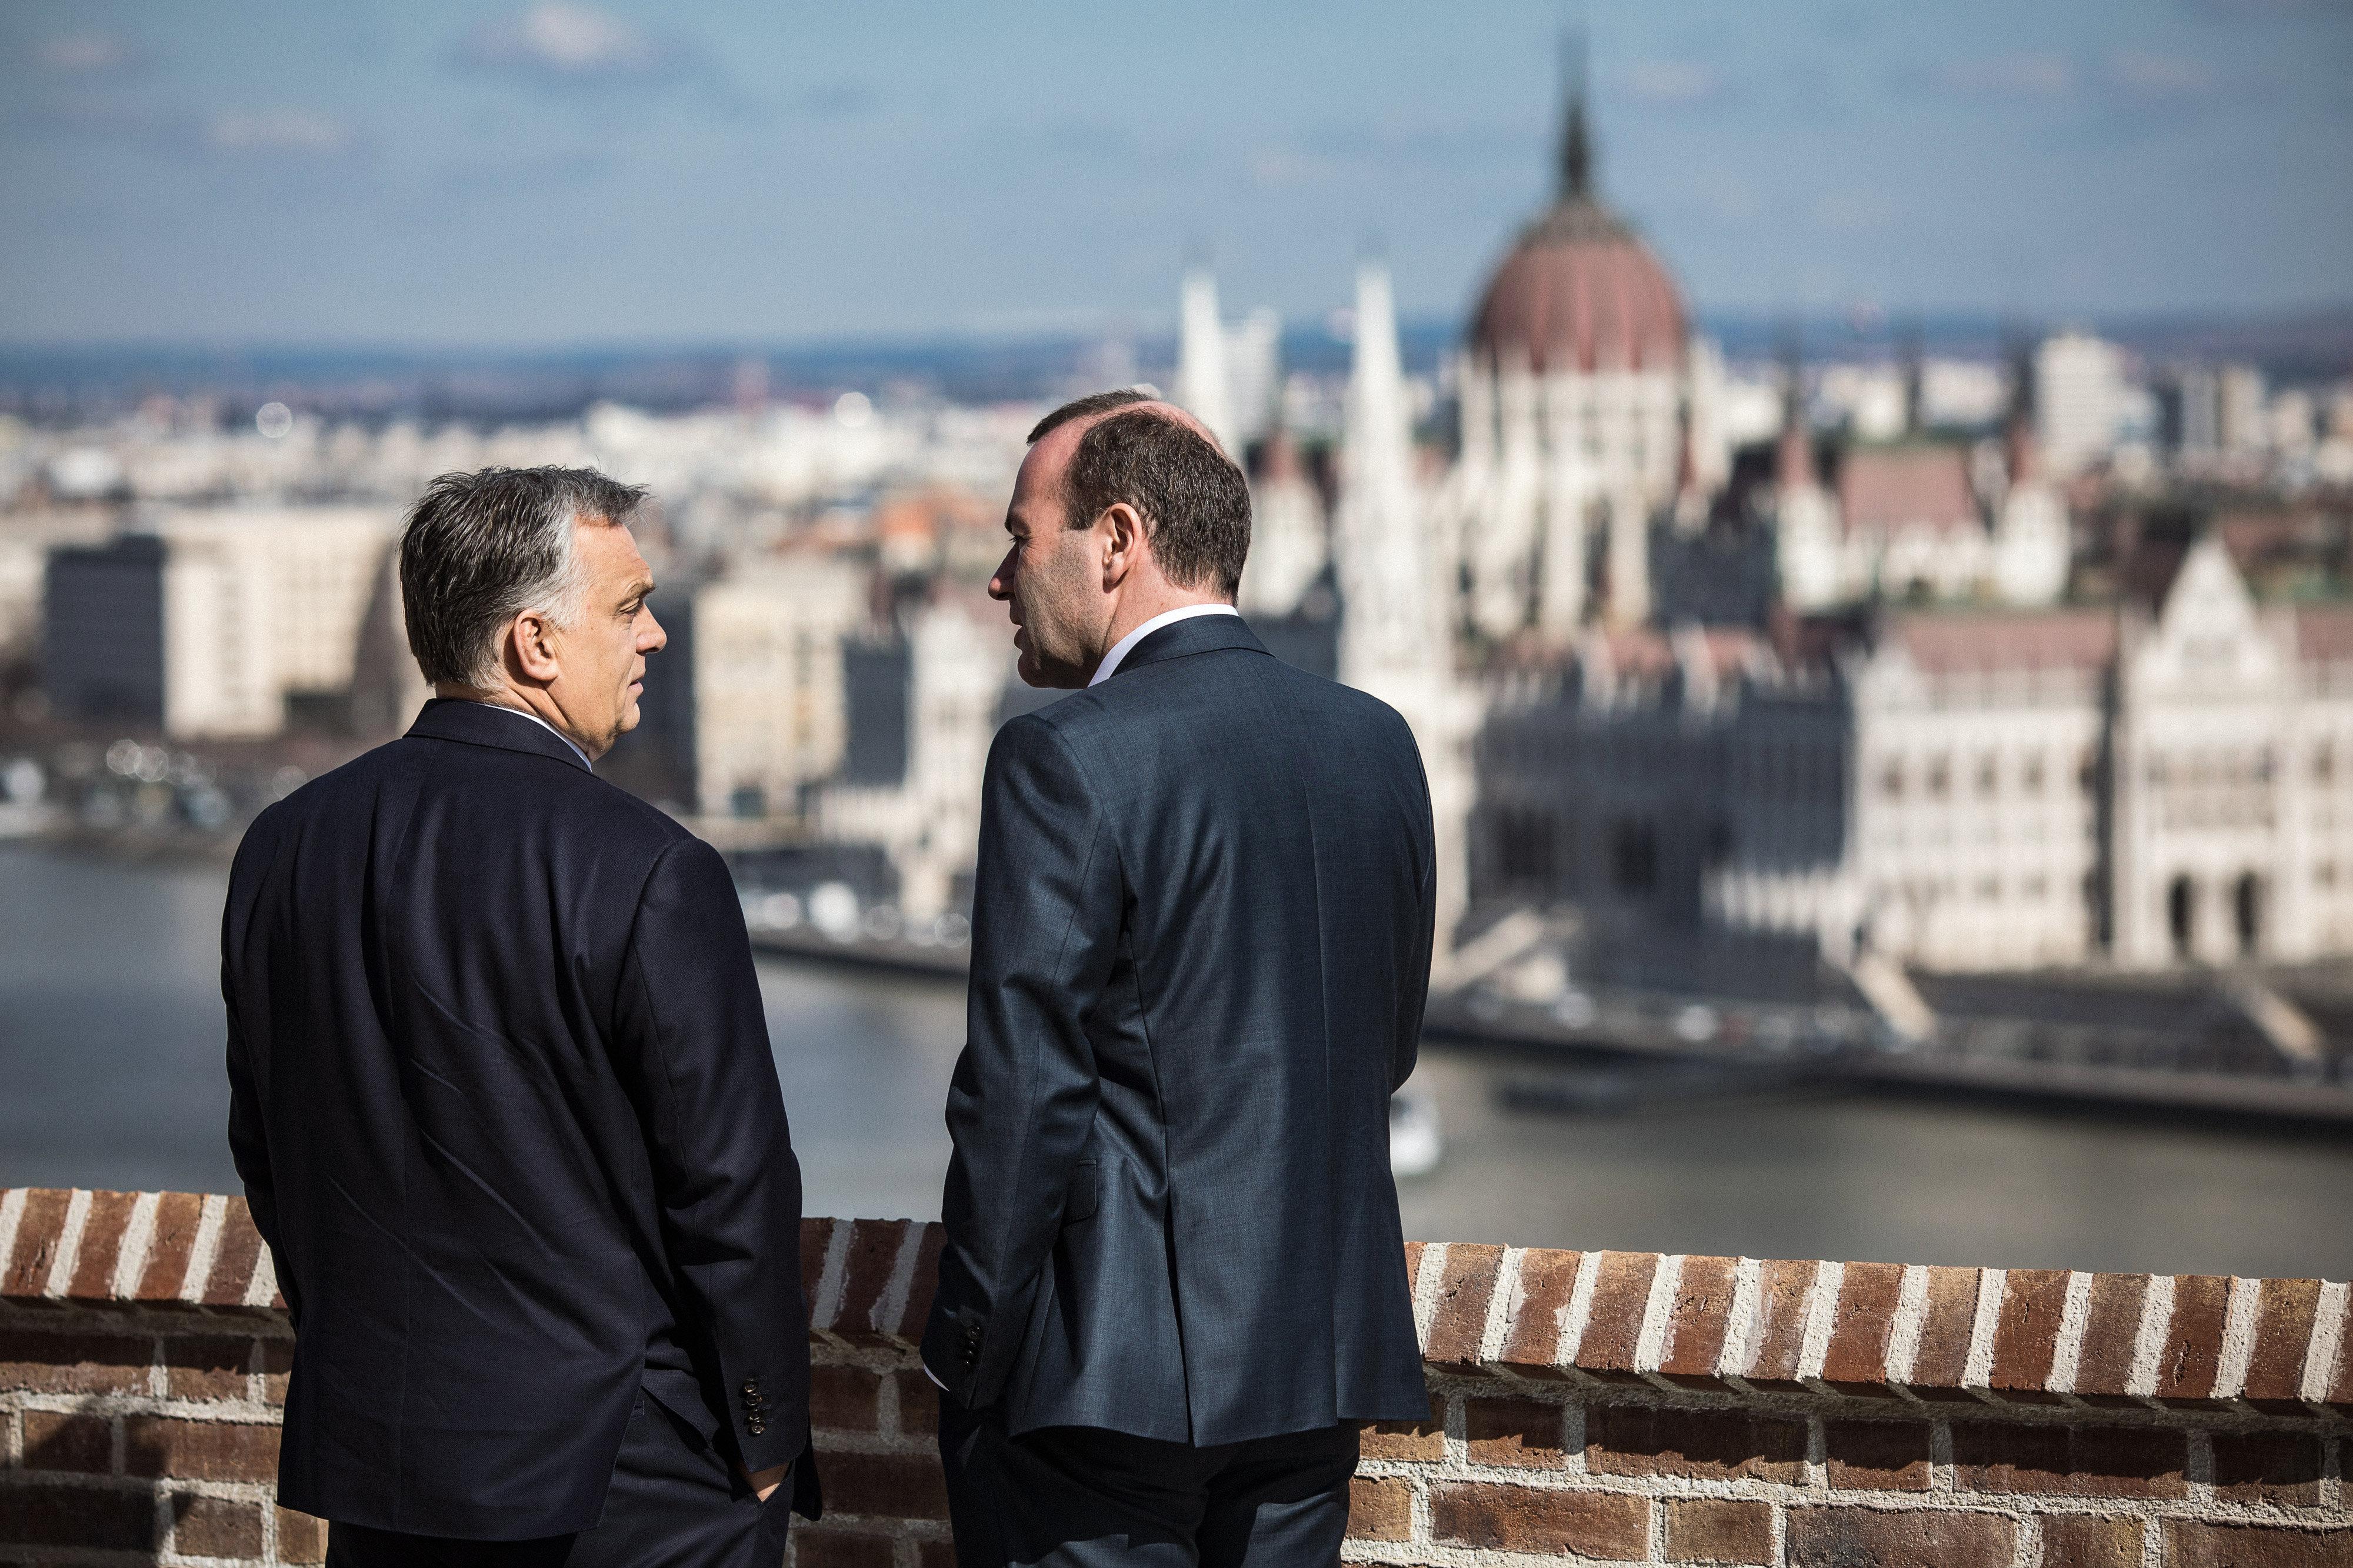 Orbán jelezte a Néppártnak, hogy kilép a Fidesz, ha elfogadják a módosítást, ami alapján kizárhatnák őket